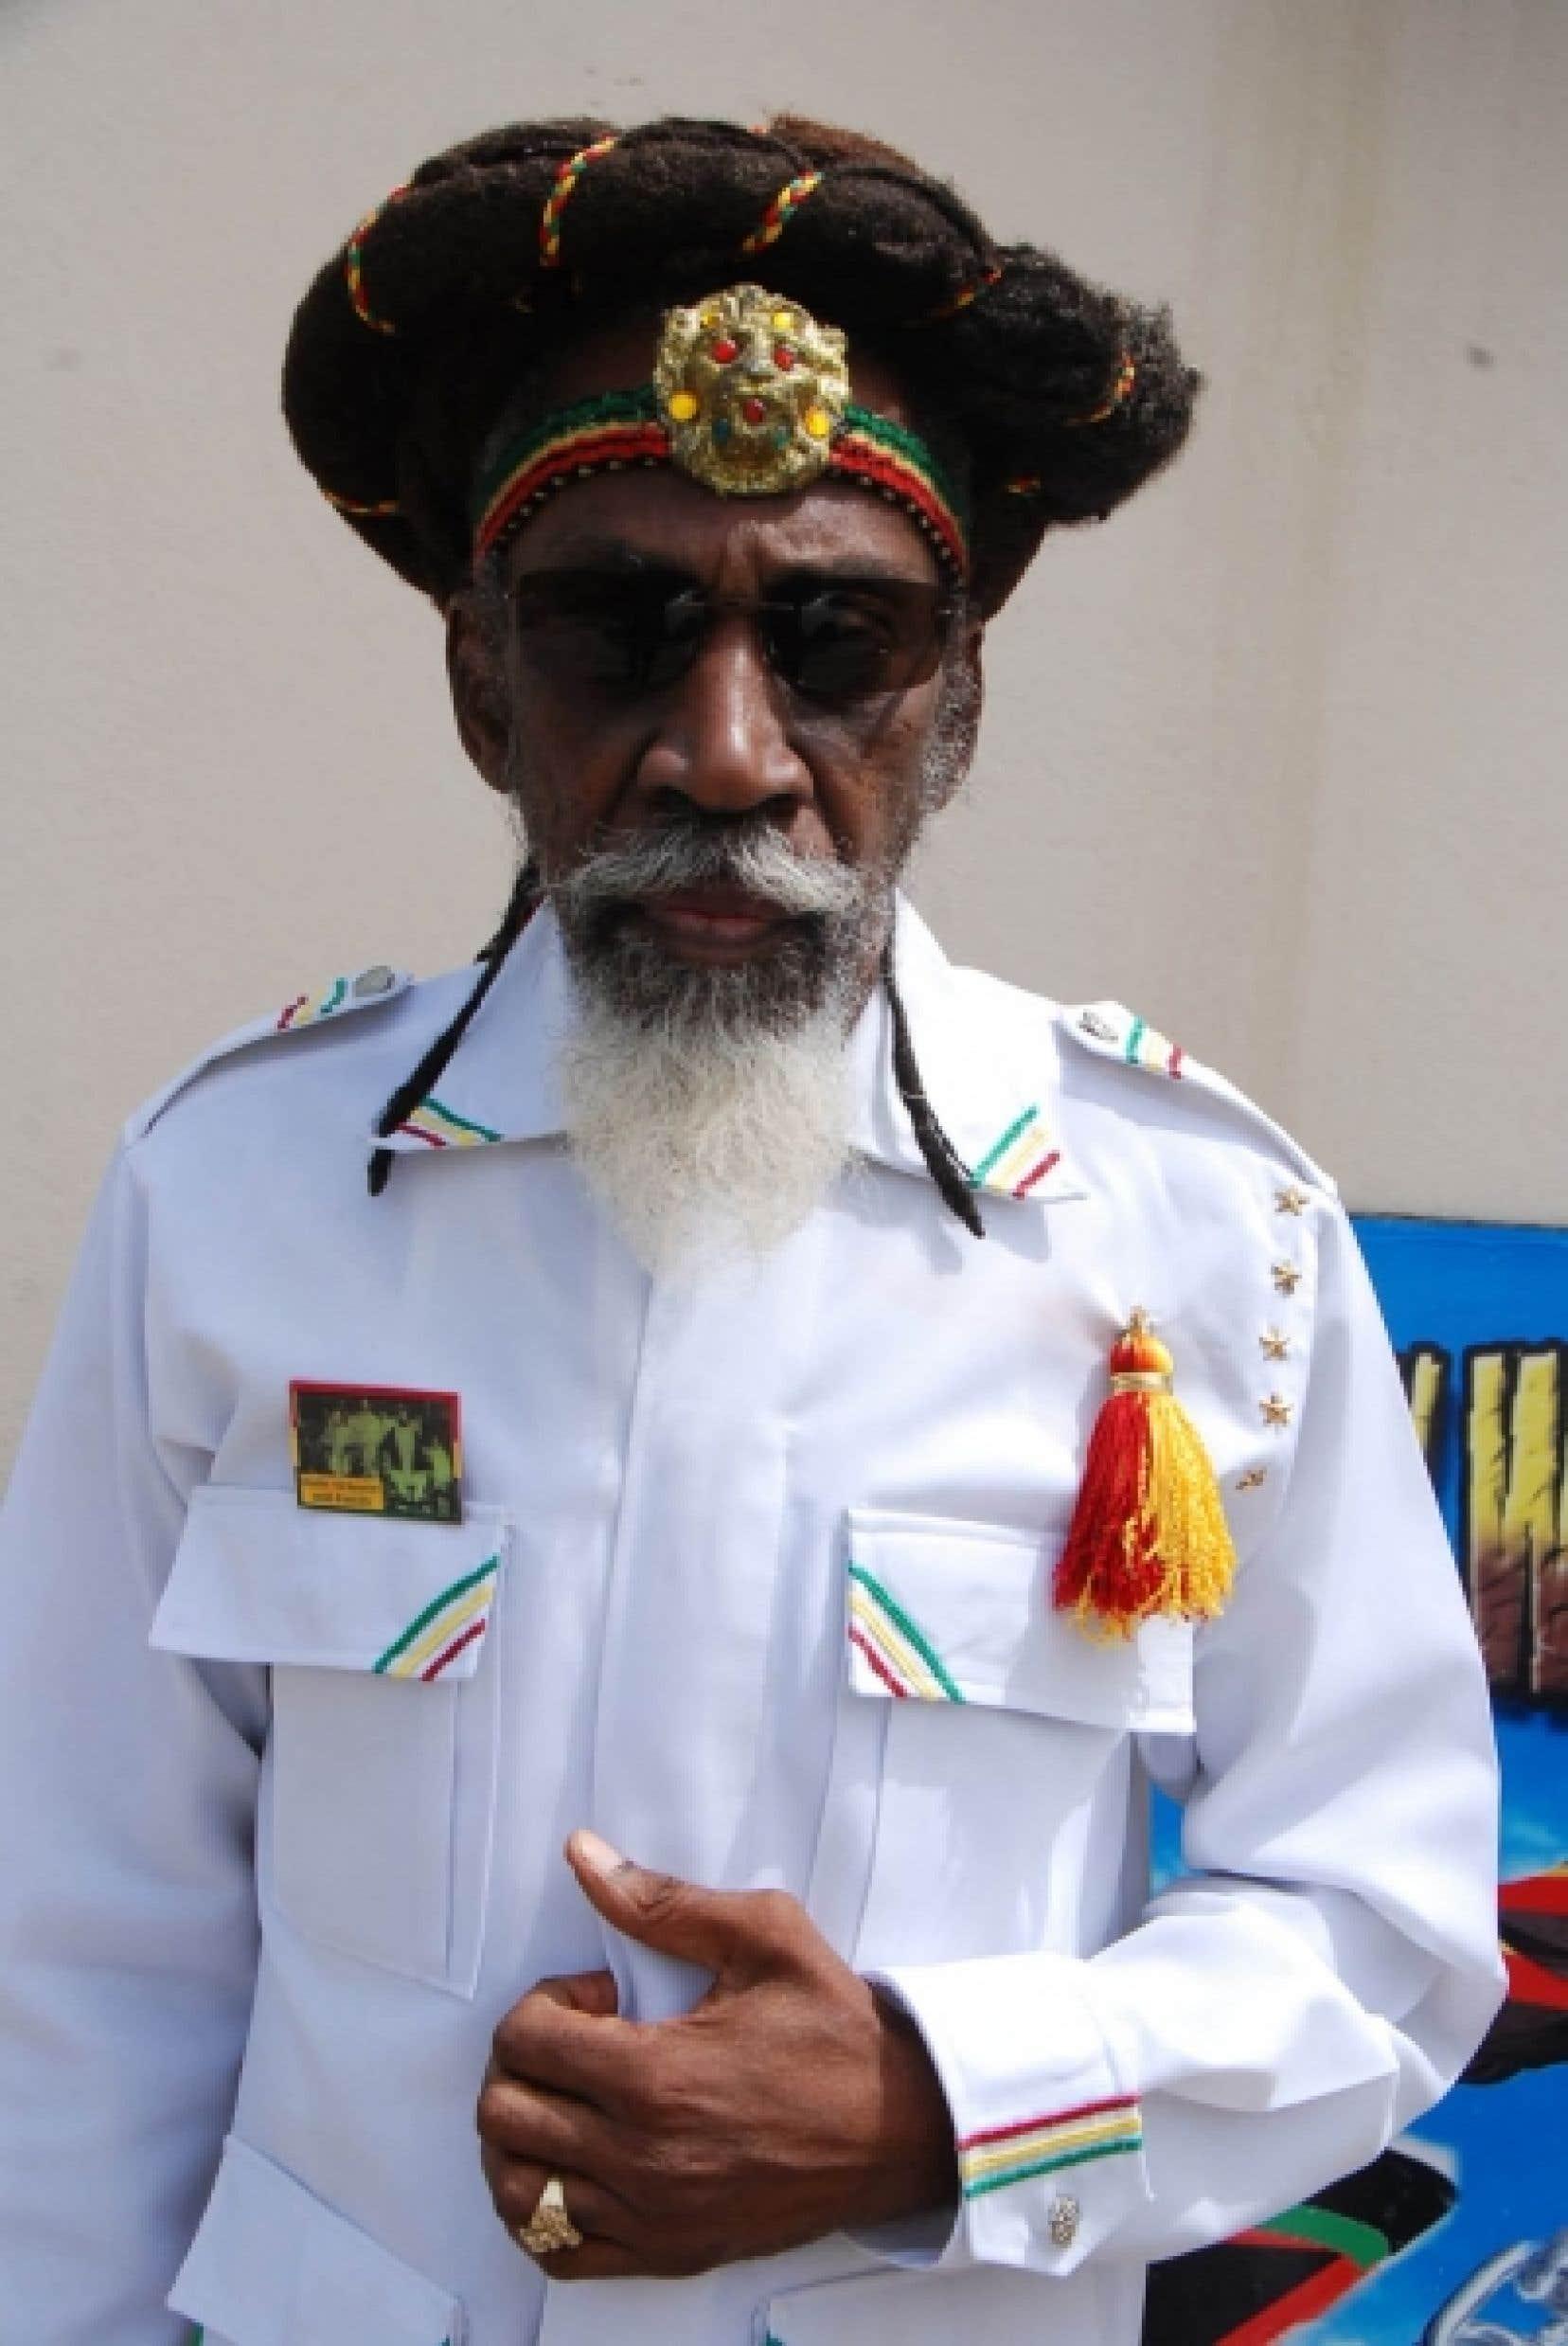 Neville O'Riley Livingstone dit «Bunny Wailer» avait cofondé avec Bob Marley et Peter Tosh les Wailing Wailers, qui allaient devenir les célèbres The Wailers.<br />